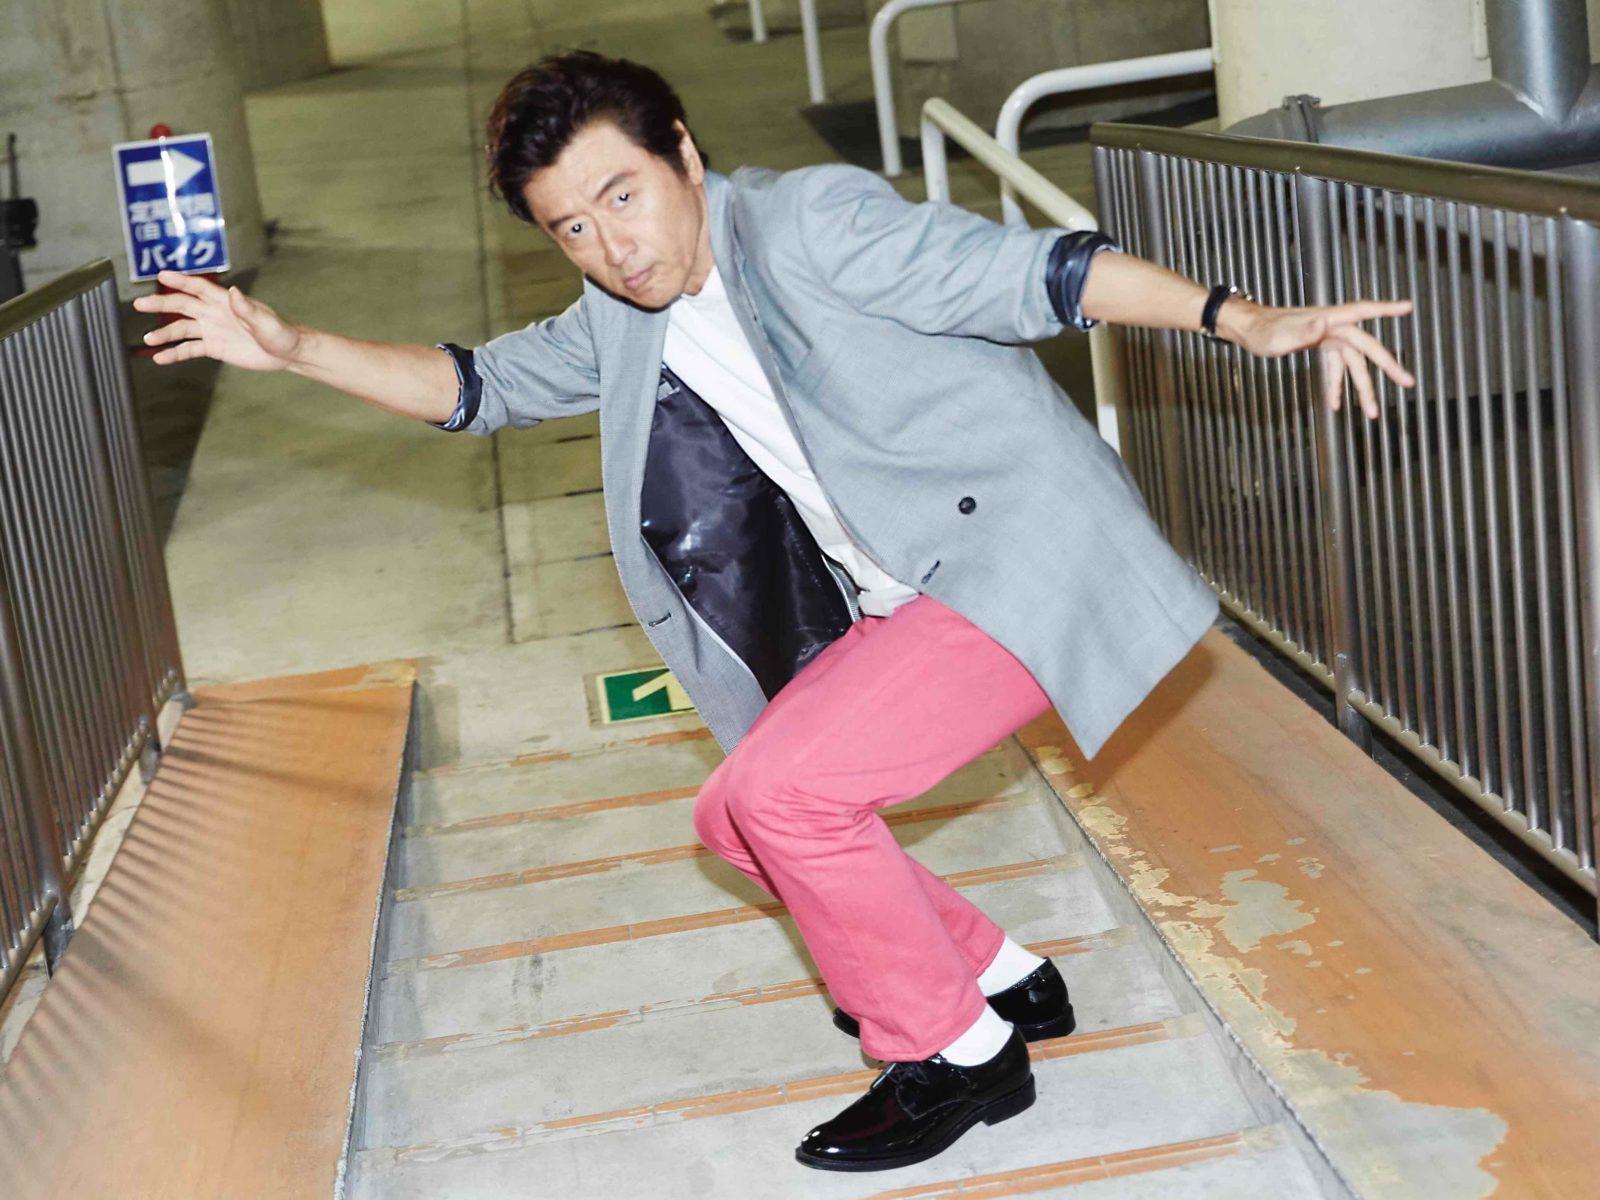 桑田佳祐、1月3日発売のベスト・ミュージックビデオ集『MVP』スペシャルサイトにて、収録される30曲の全曲解説を公開サムネイル画像